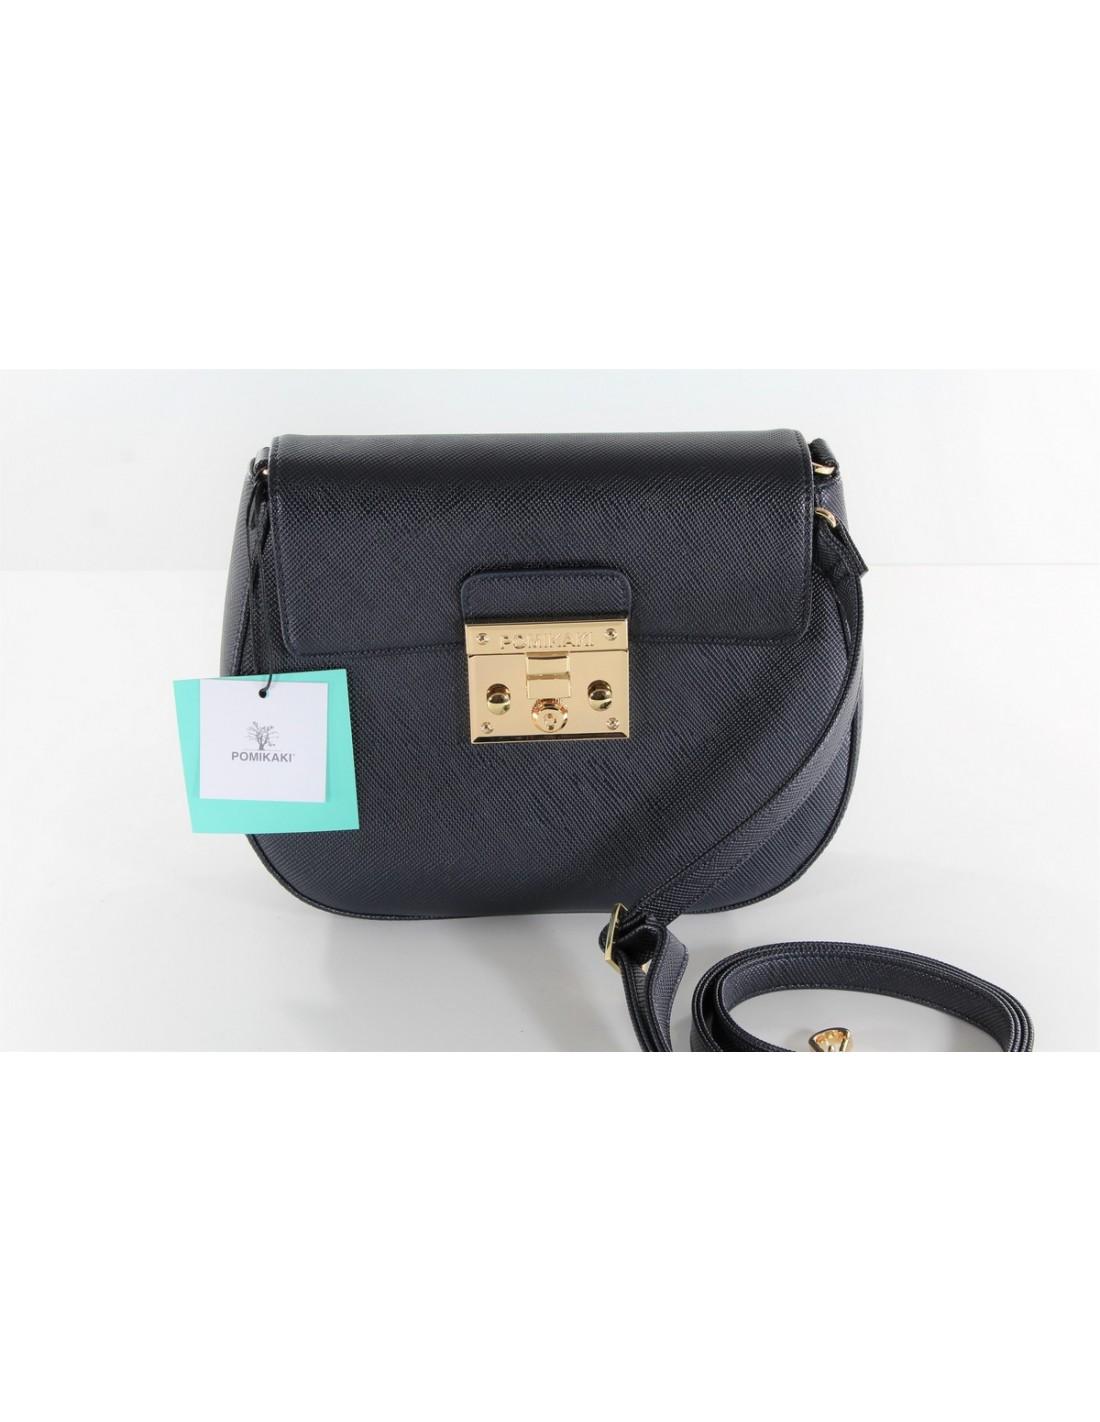 8ef915a37c ... borsa tracolla POMIKAKI modello ELENA colore navy blue ...